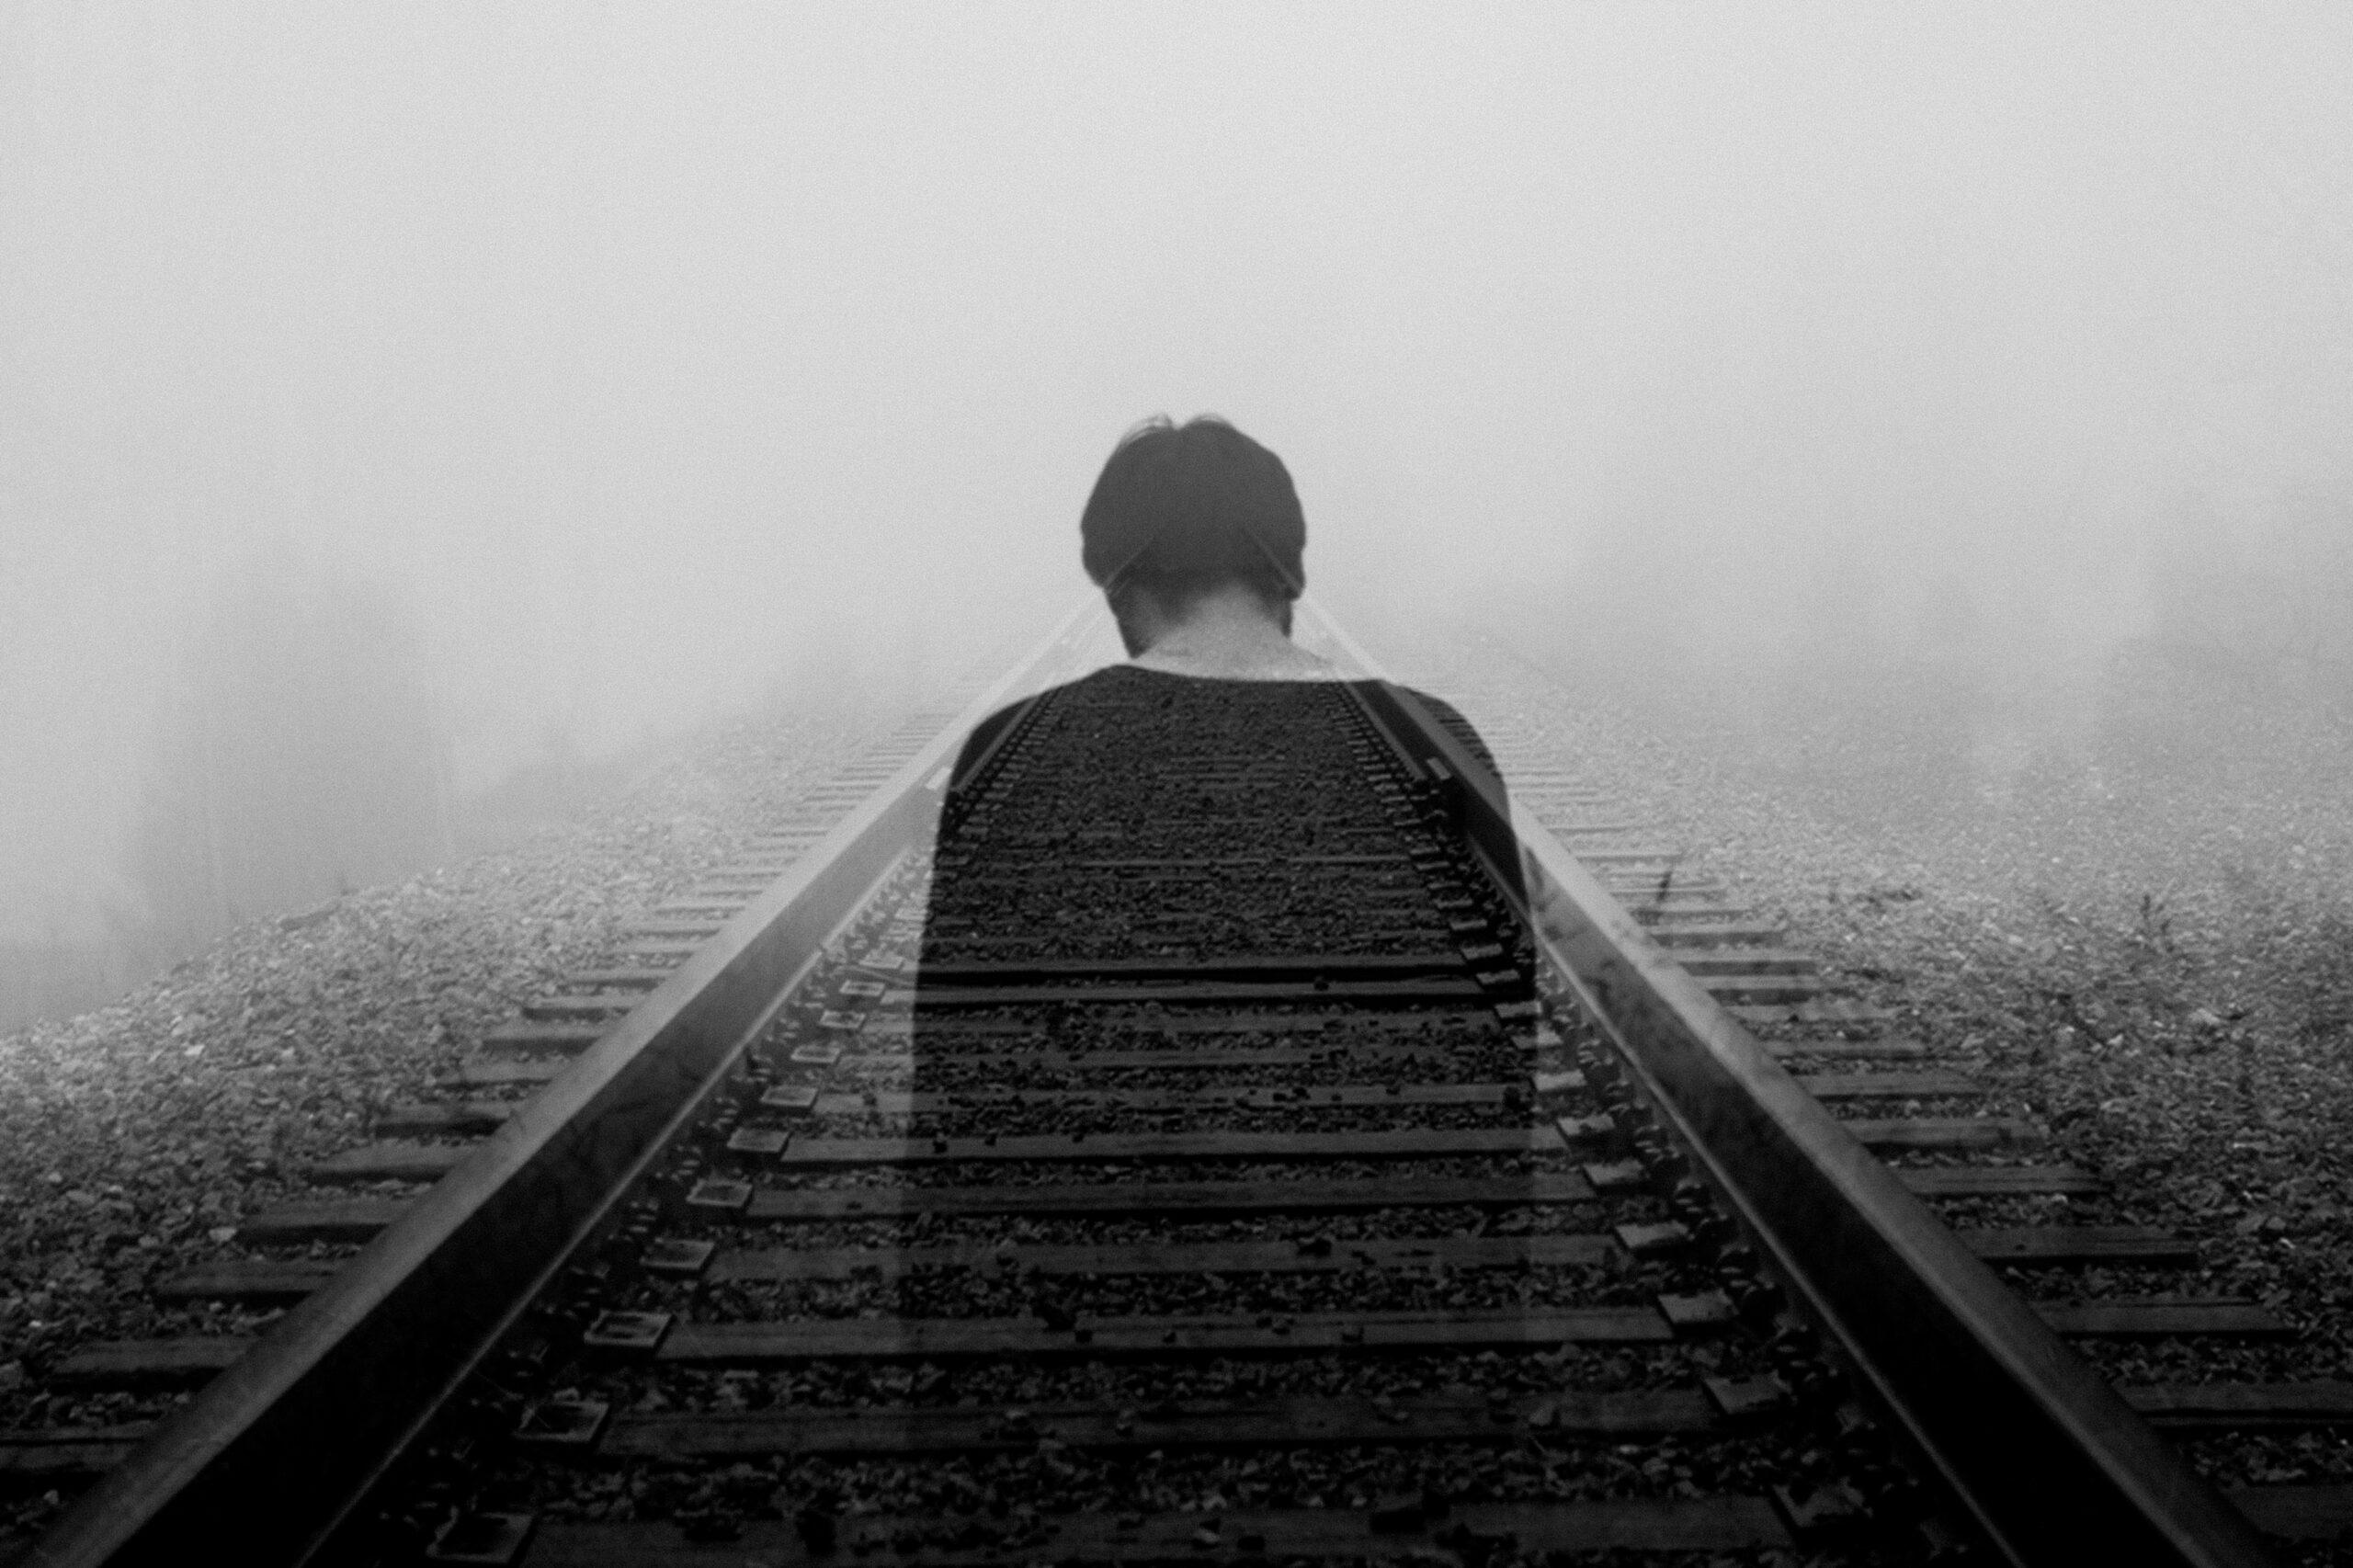 محققان به سرنخهای جدیدی از ارتباط احتمالی میان افسردگی و التهاب دست یافتند